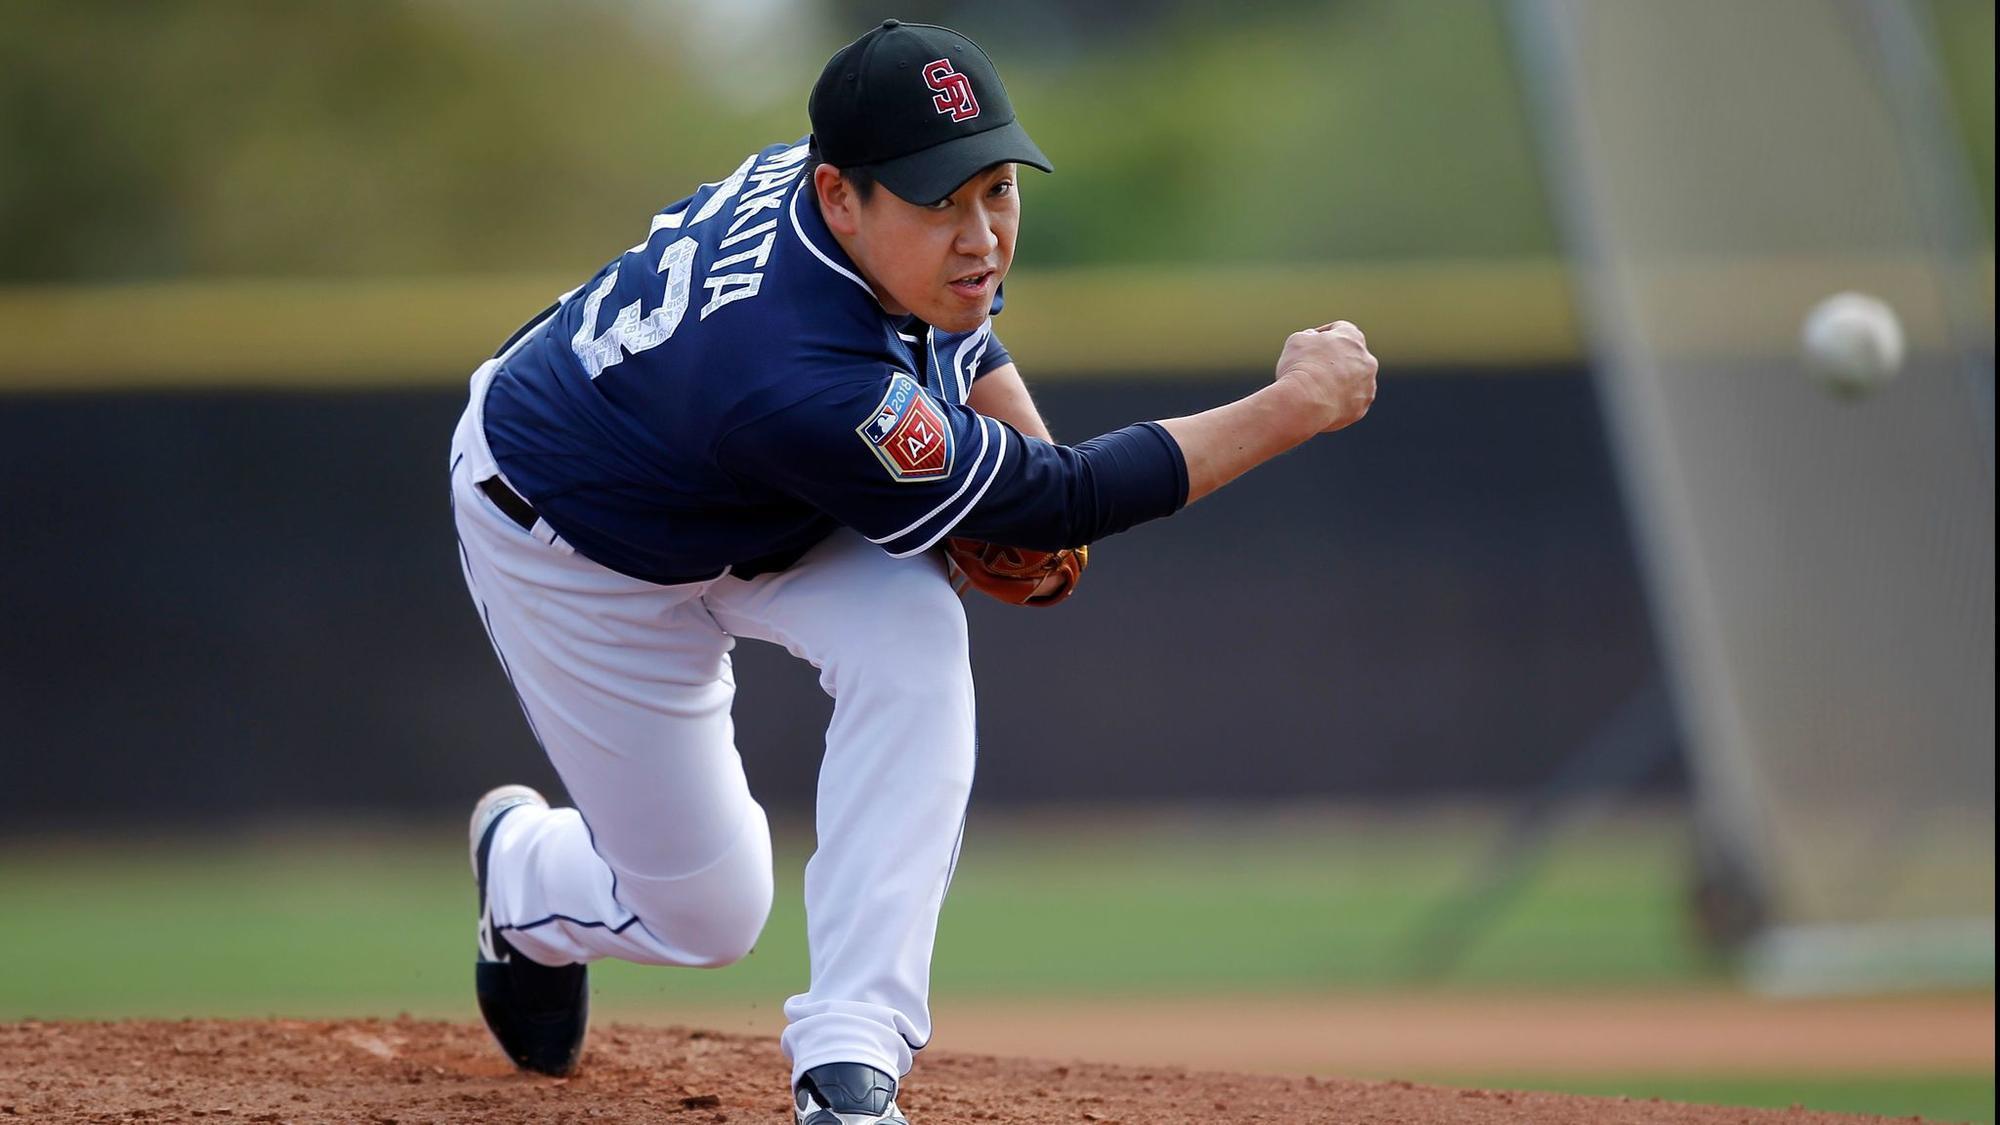 """San Diego padres resumen temporada 2018 beisbol mlb El """"experimento Makita"""" no funcionó y su futuro se encuentra fuera de la organización de Los Padres.<br /> (Fuente: sintesistv.com.mx)."""